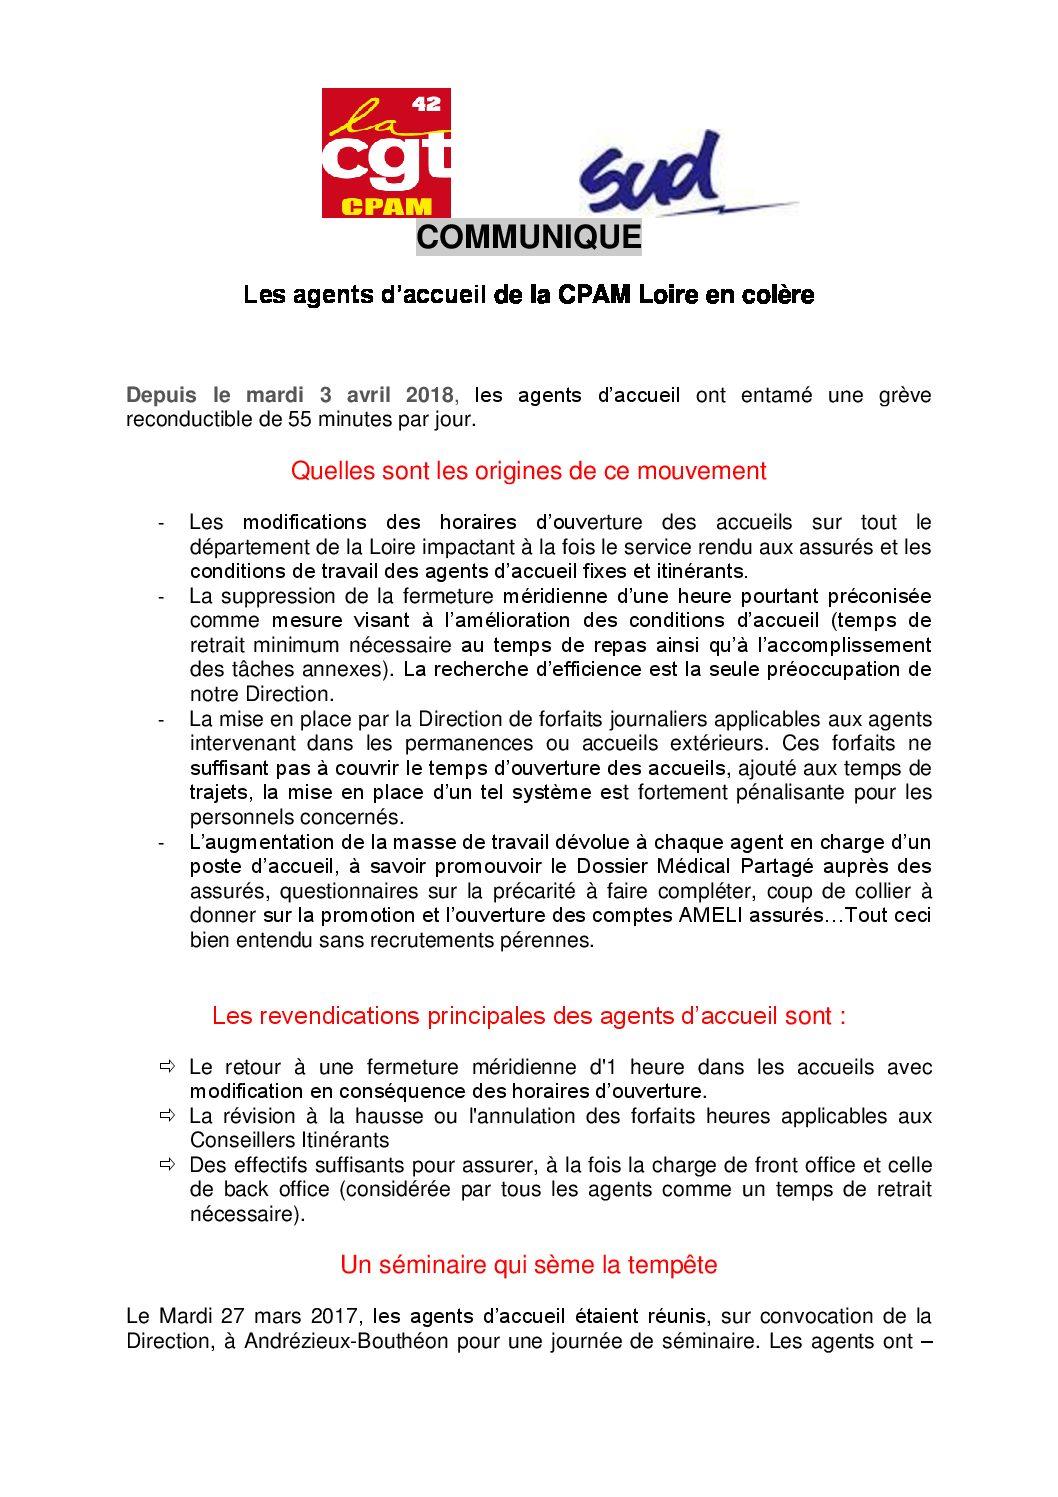 Les agents de la CPAM de la Loire en Colère